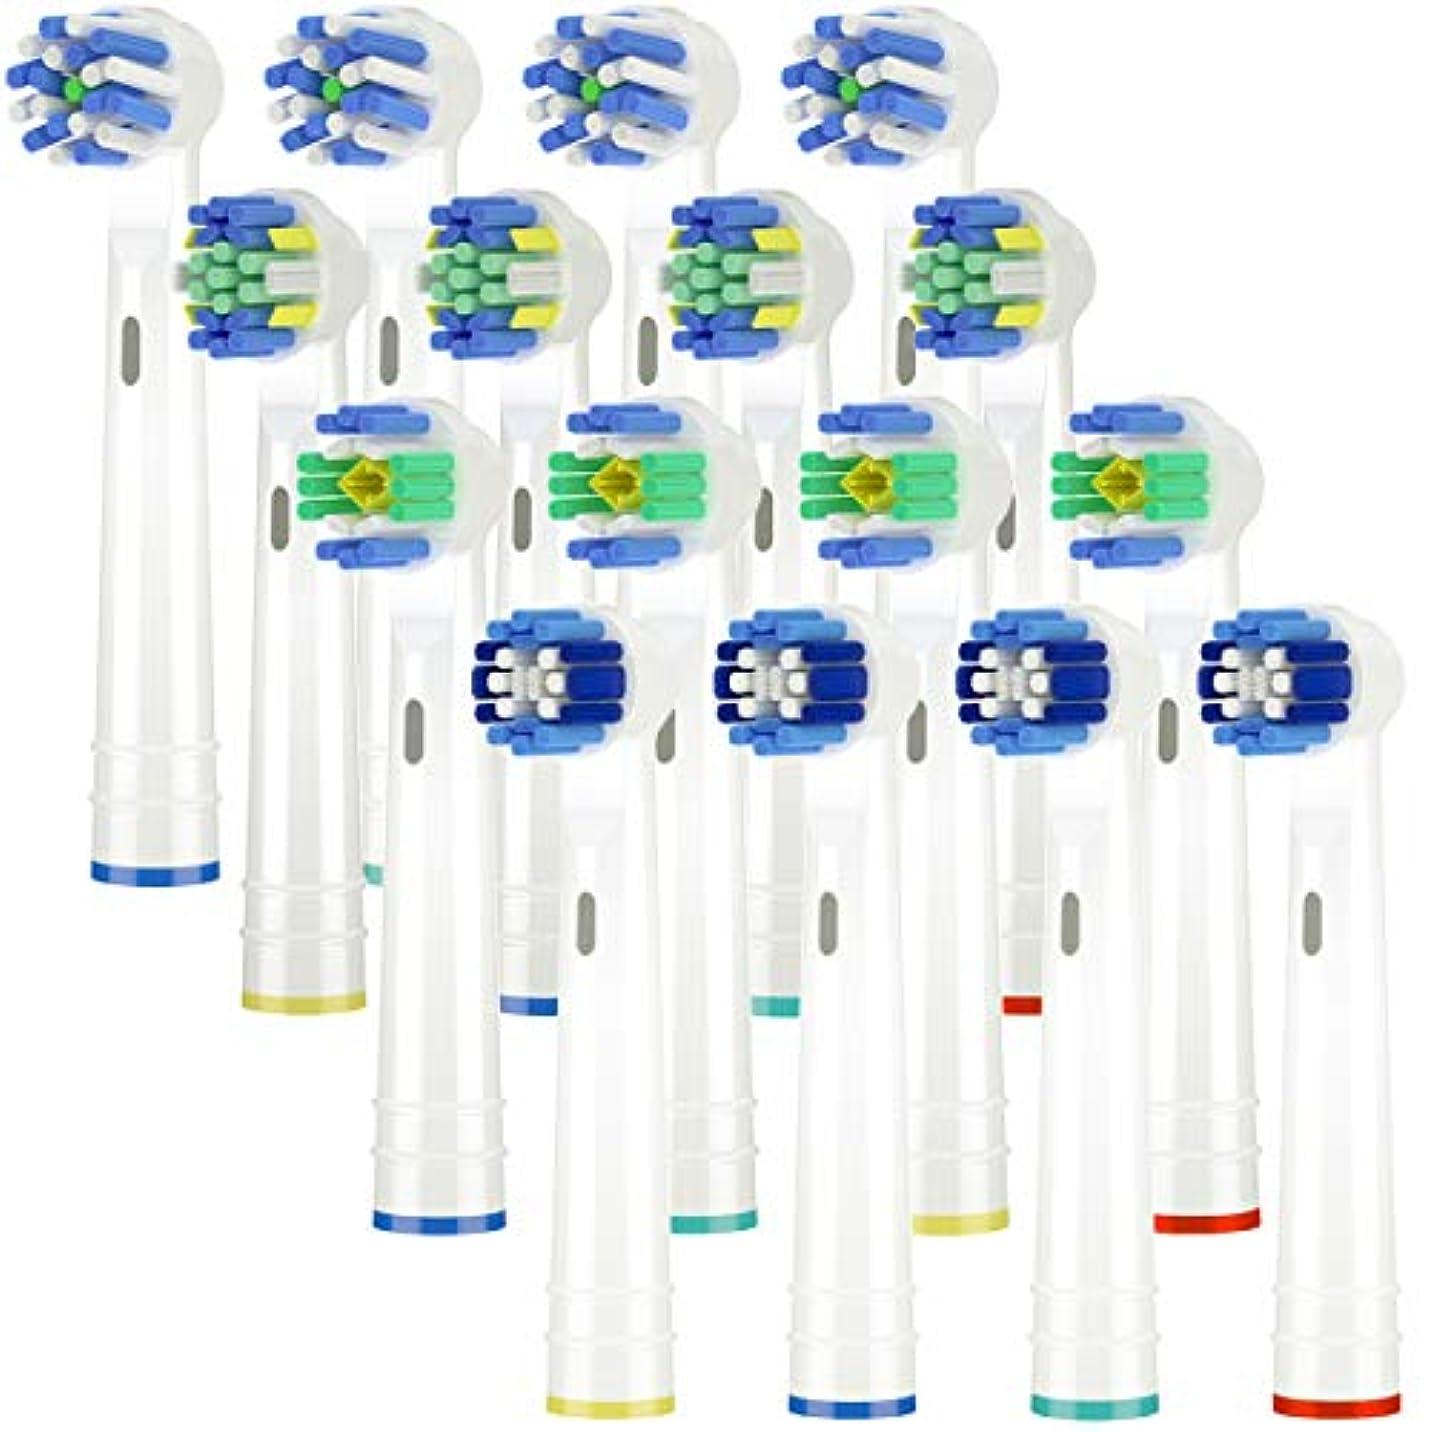 きらめきラッシュゴールドItechnik 電動歯ブラシ 替えブラシ ブラウン オーラルB 対応 替えブラシ 4種類が入り:ホワイトニングブラシ 、ベーシックブラシ、歯間ワイパー付きブラシ、マルチアクションブラシ 凡用な16本